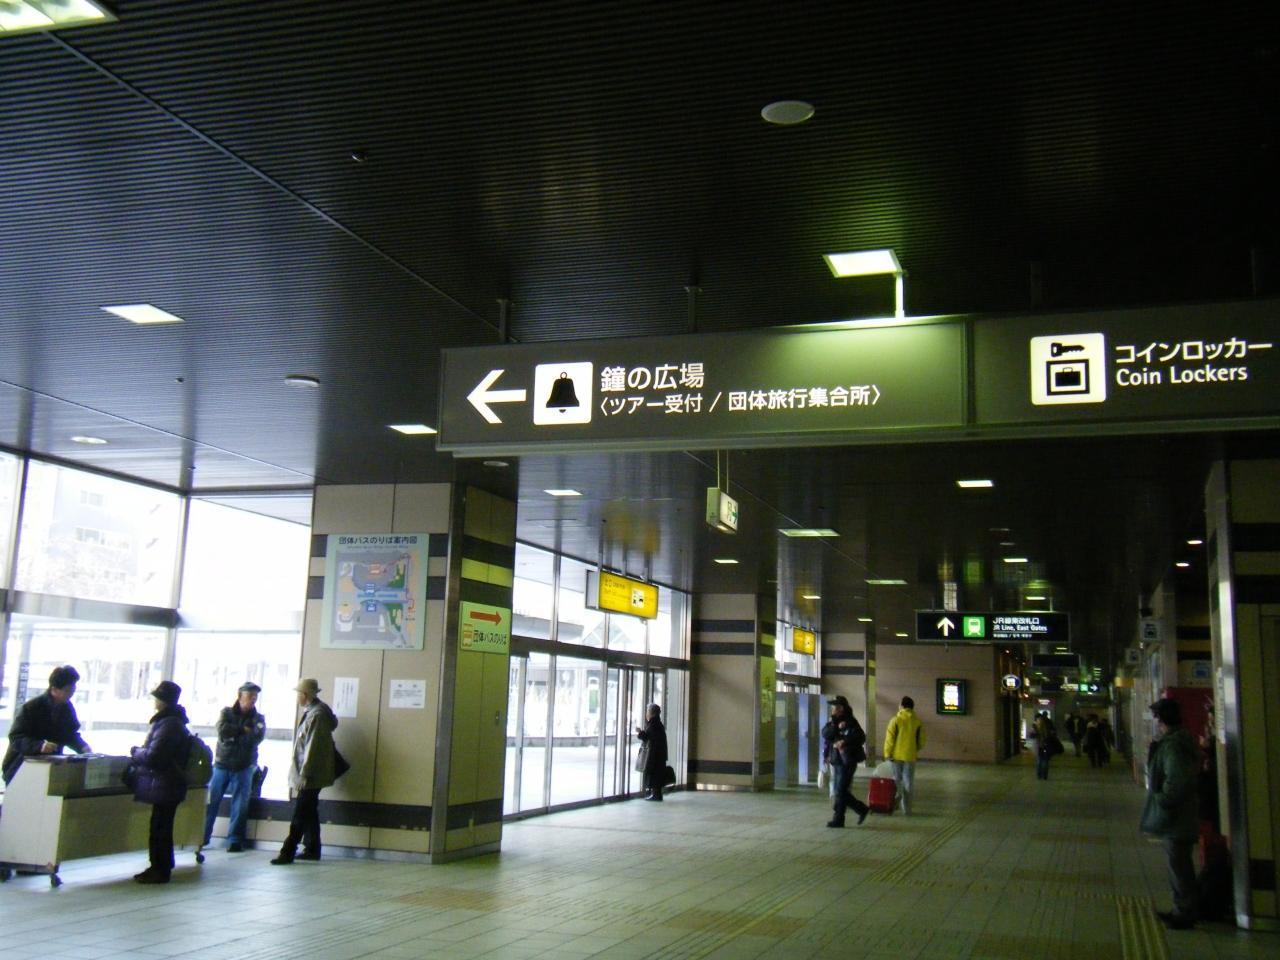 『2010 3月 日帰りバス旅行でアンコウを食す』留萌(るもい ...